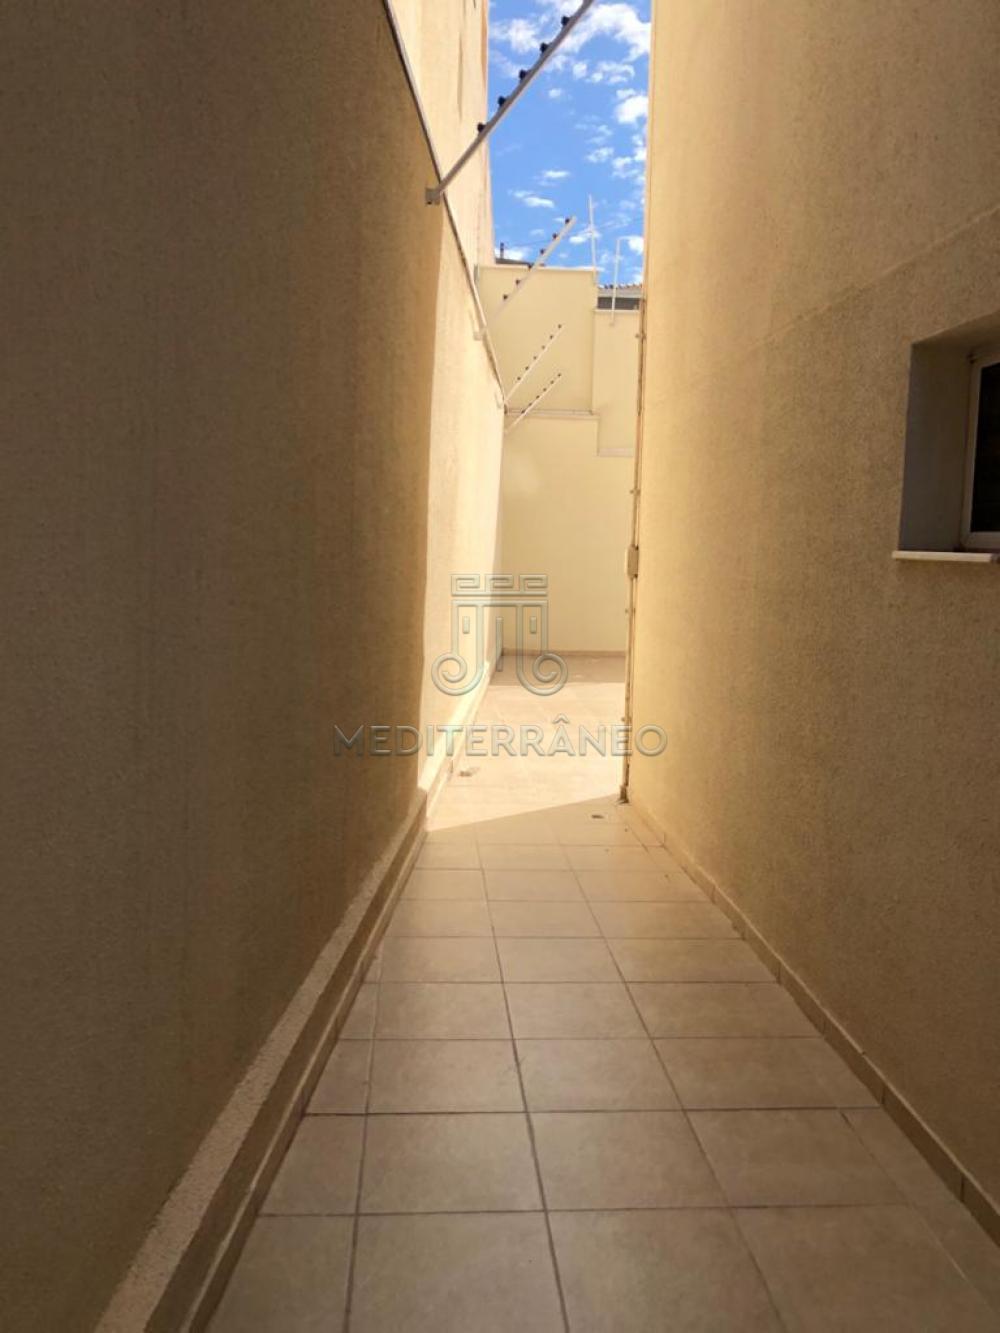 Comprar Apartamento / Padrão em Jundiaí apenas R$ 650.000,00 - Foto 20